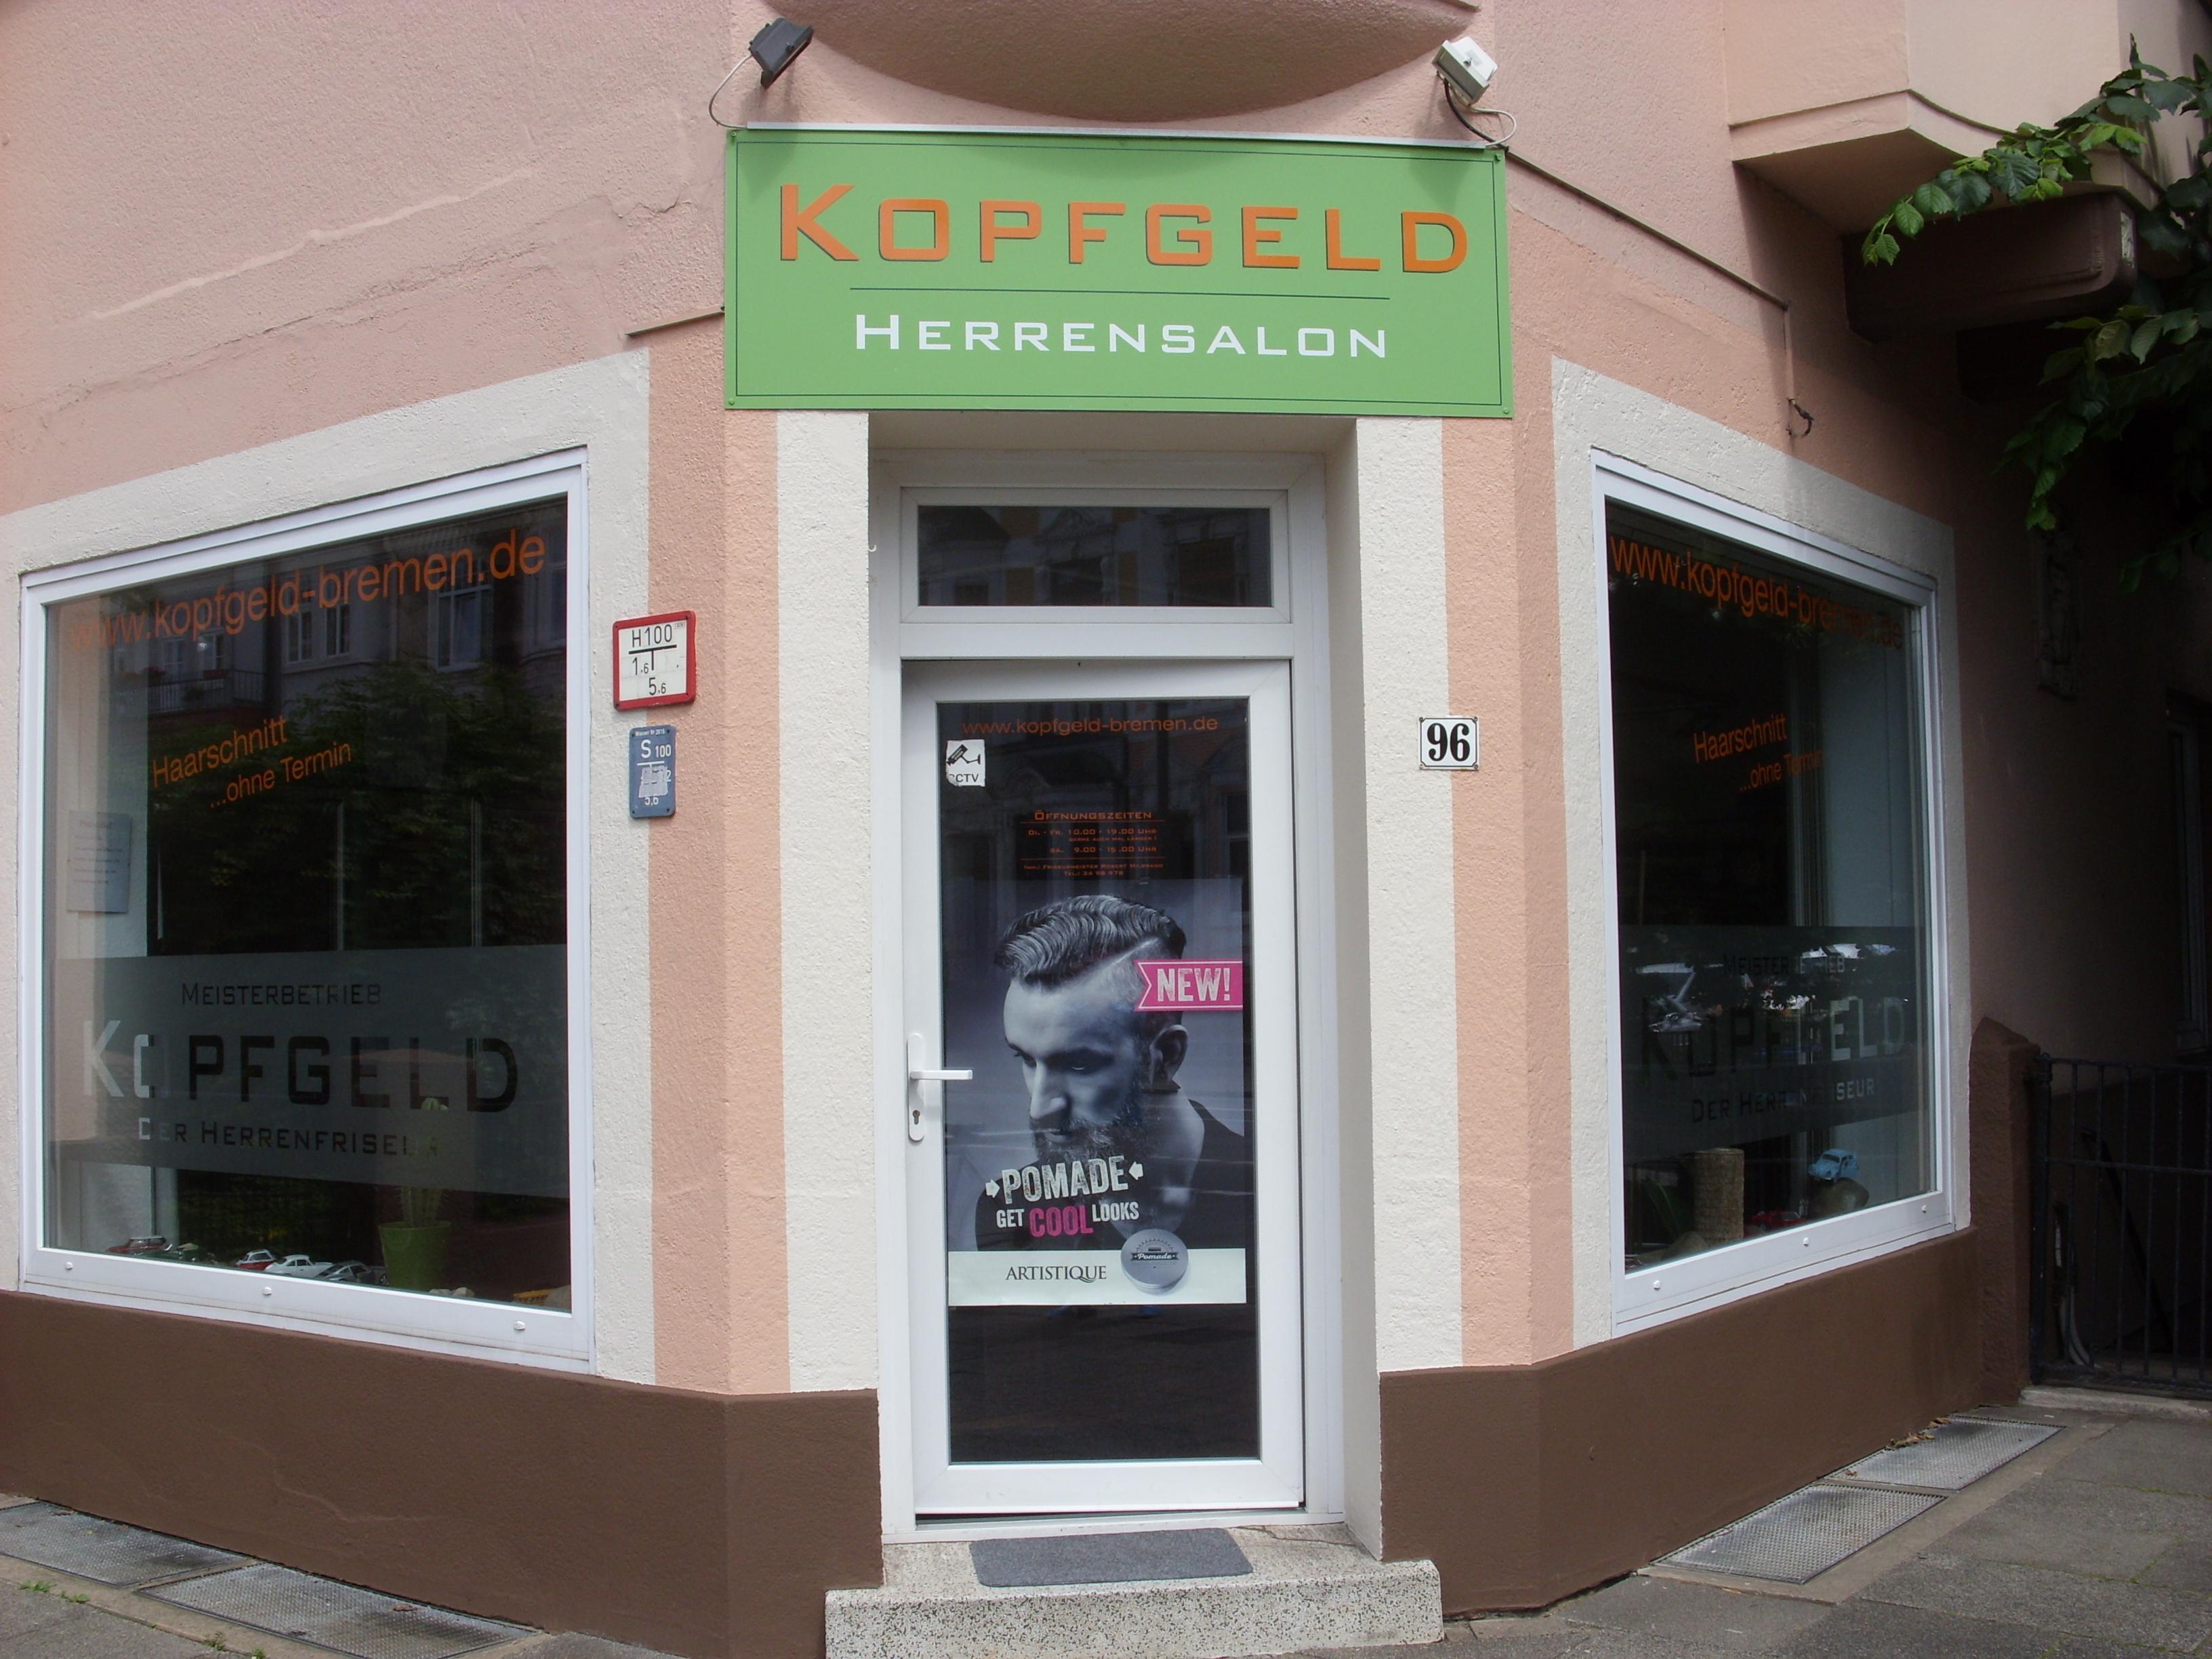 Kopfgeld Bremen Herrensalon